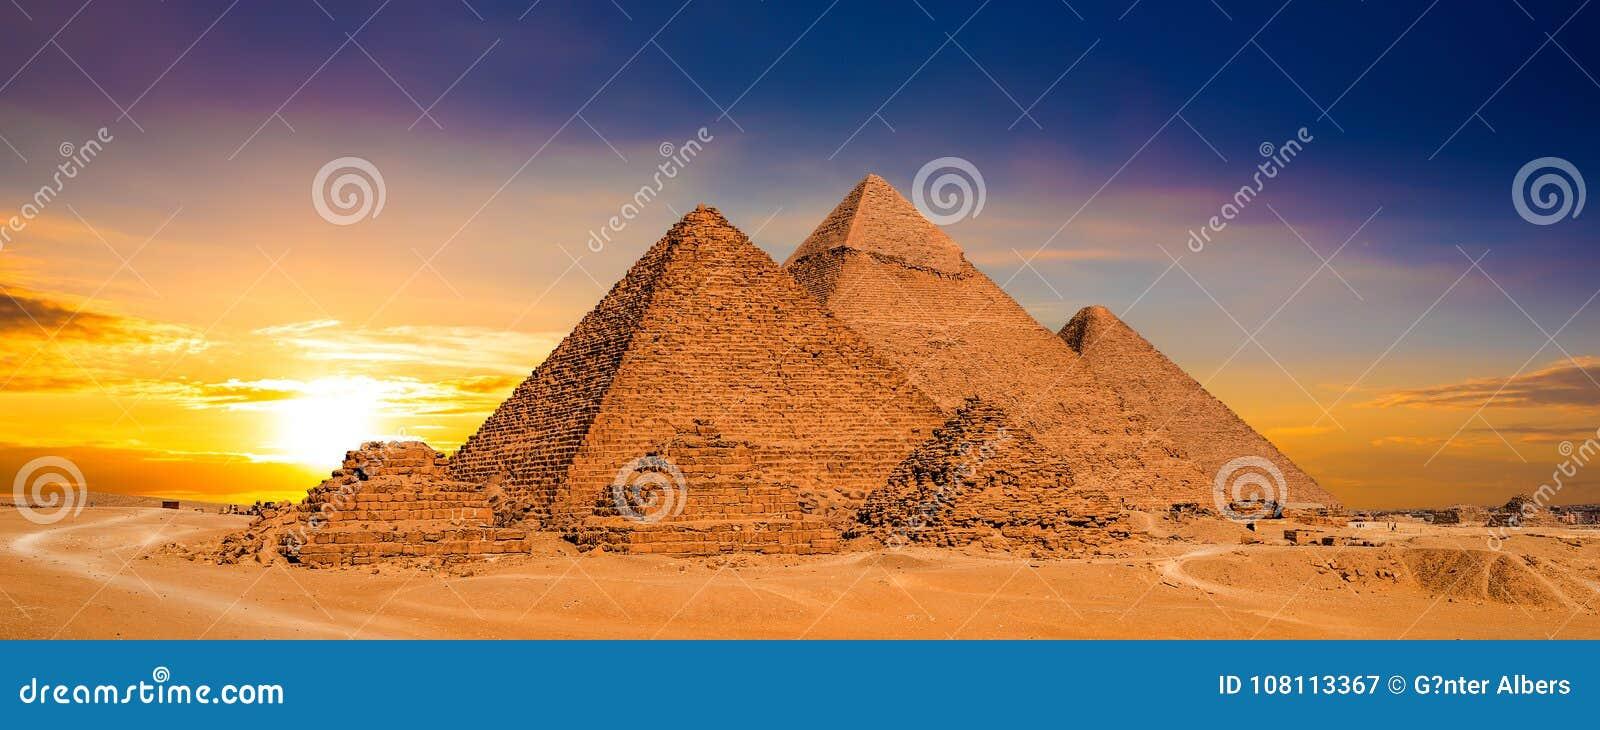 Puesta del sol en Egipto